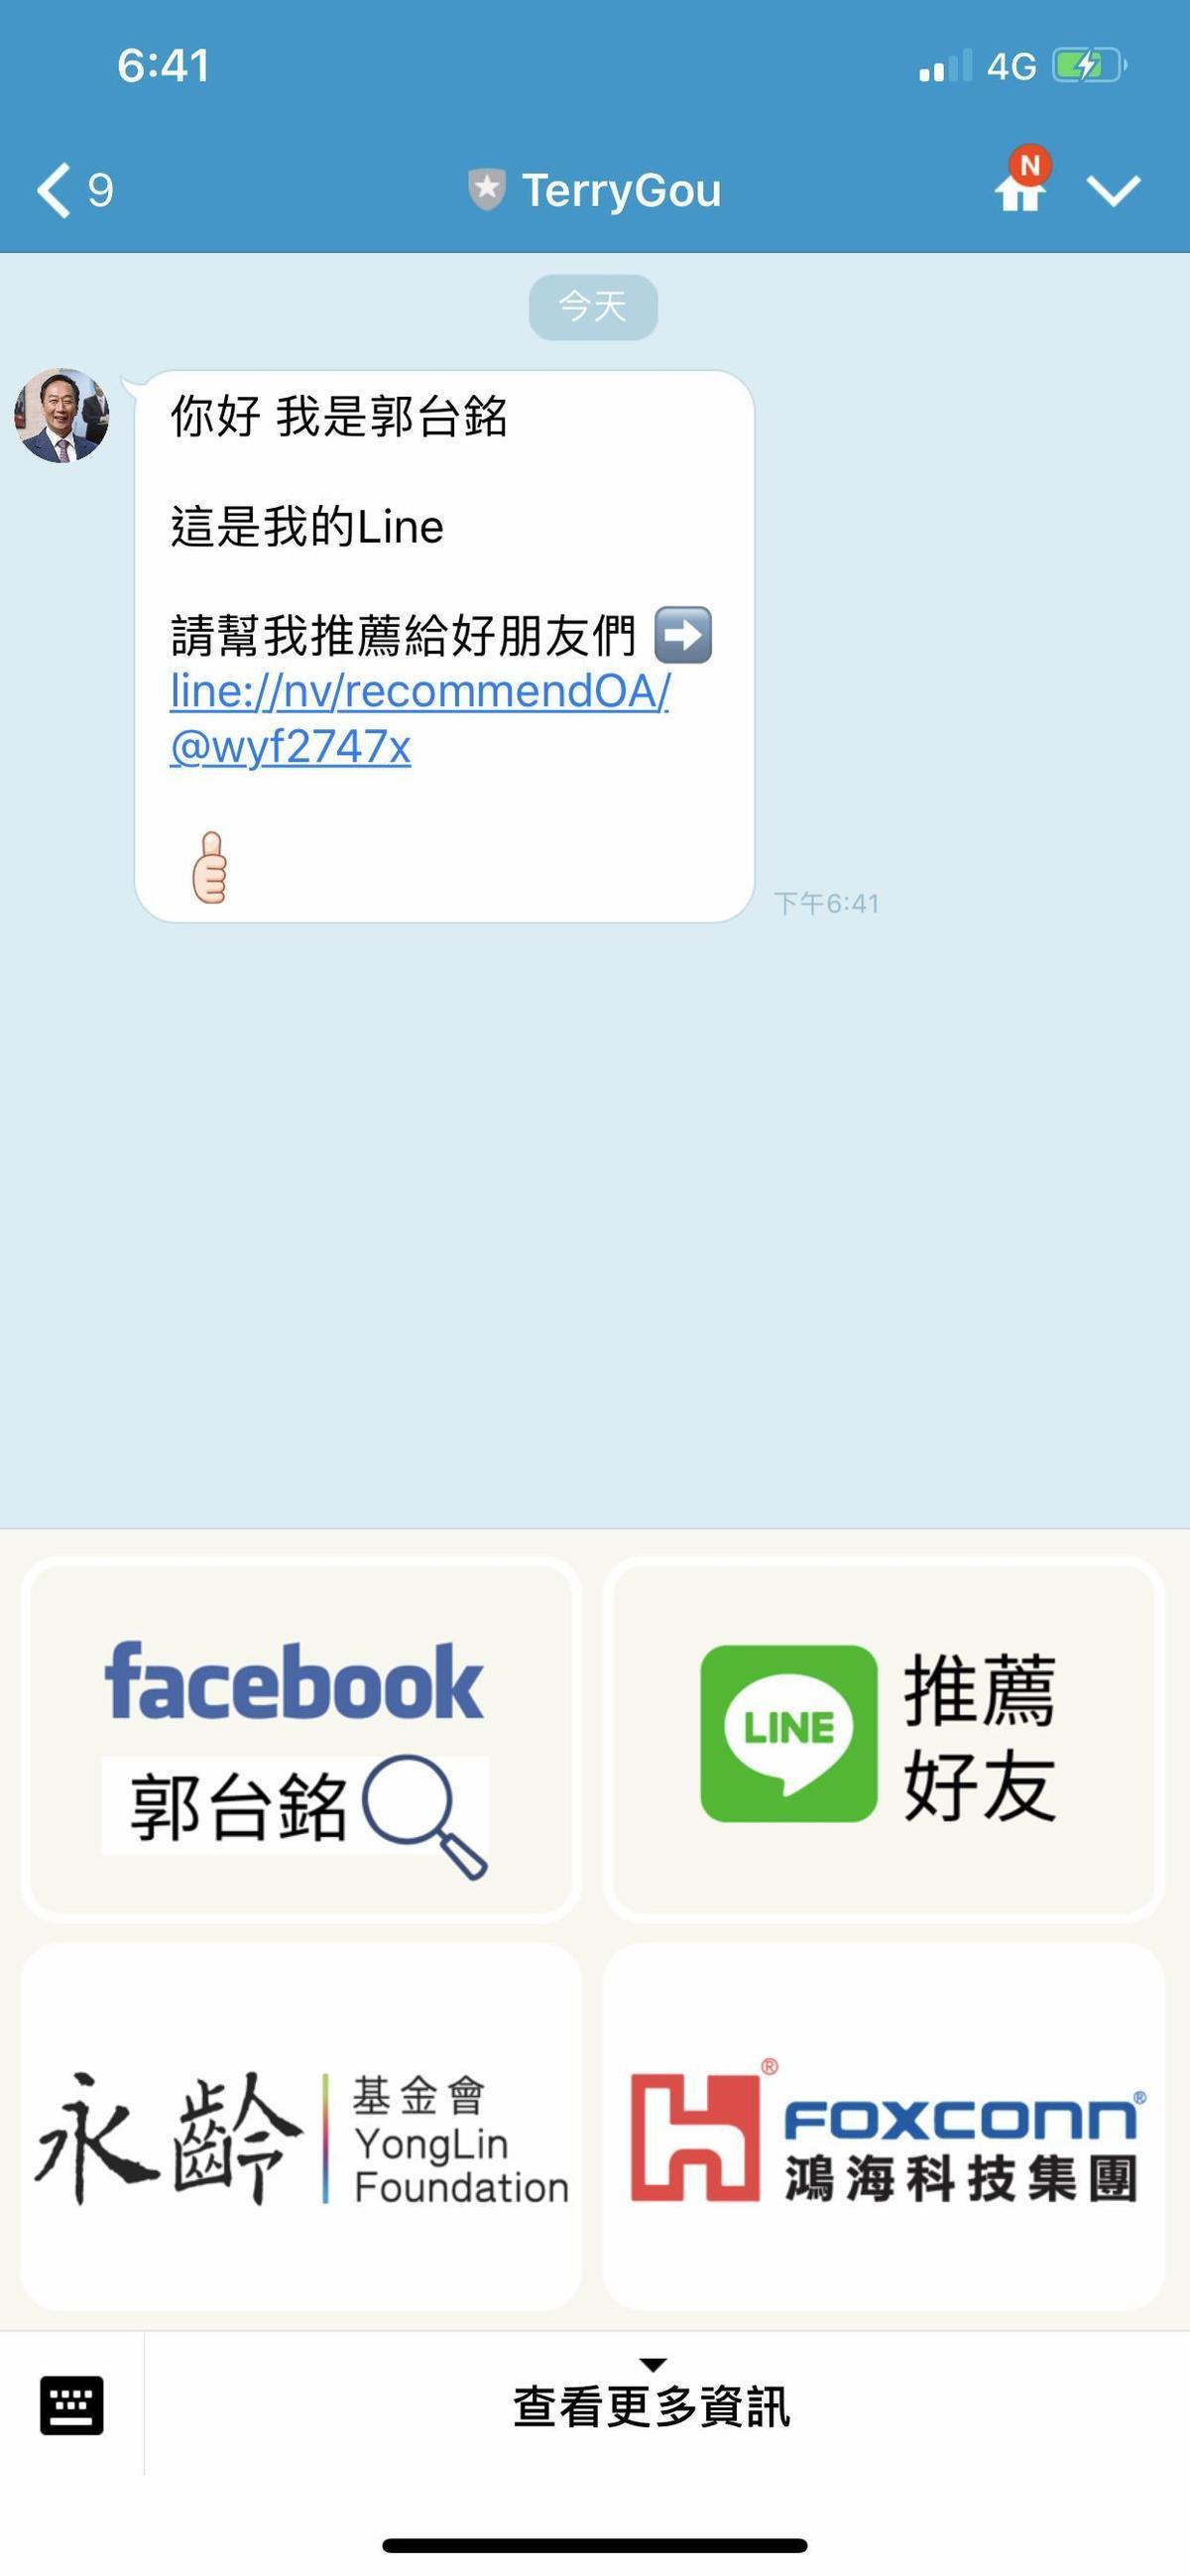 鴻海集團董事長郭台銘即日起全新推出「霸氣總裁 郭董 Line@帳號」。